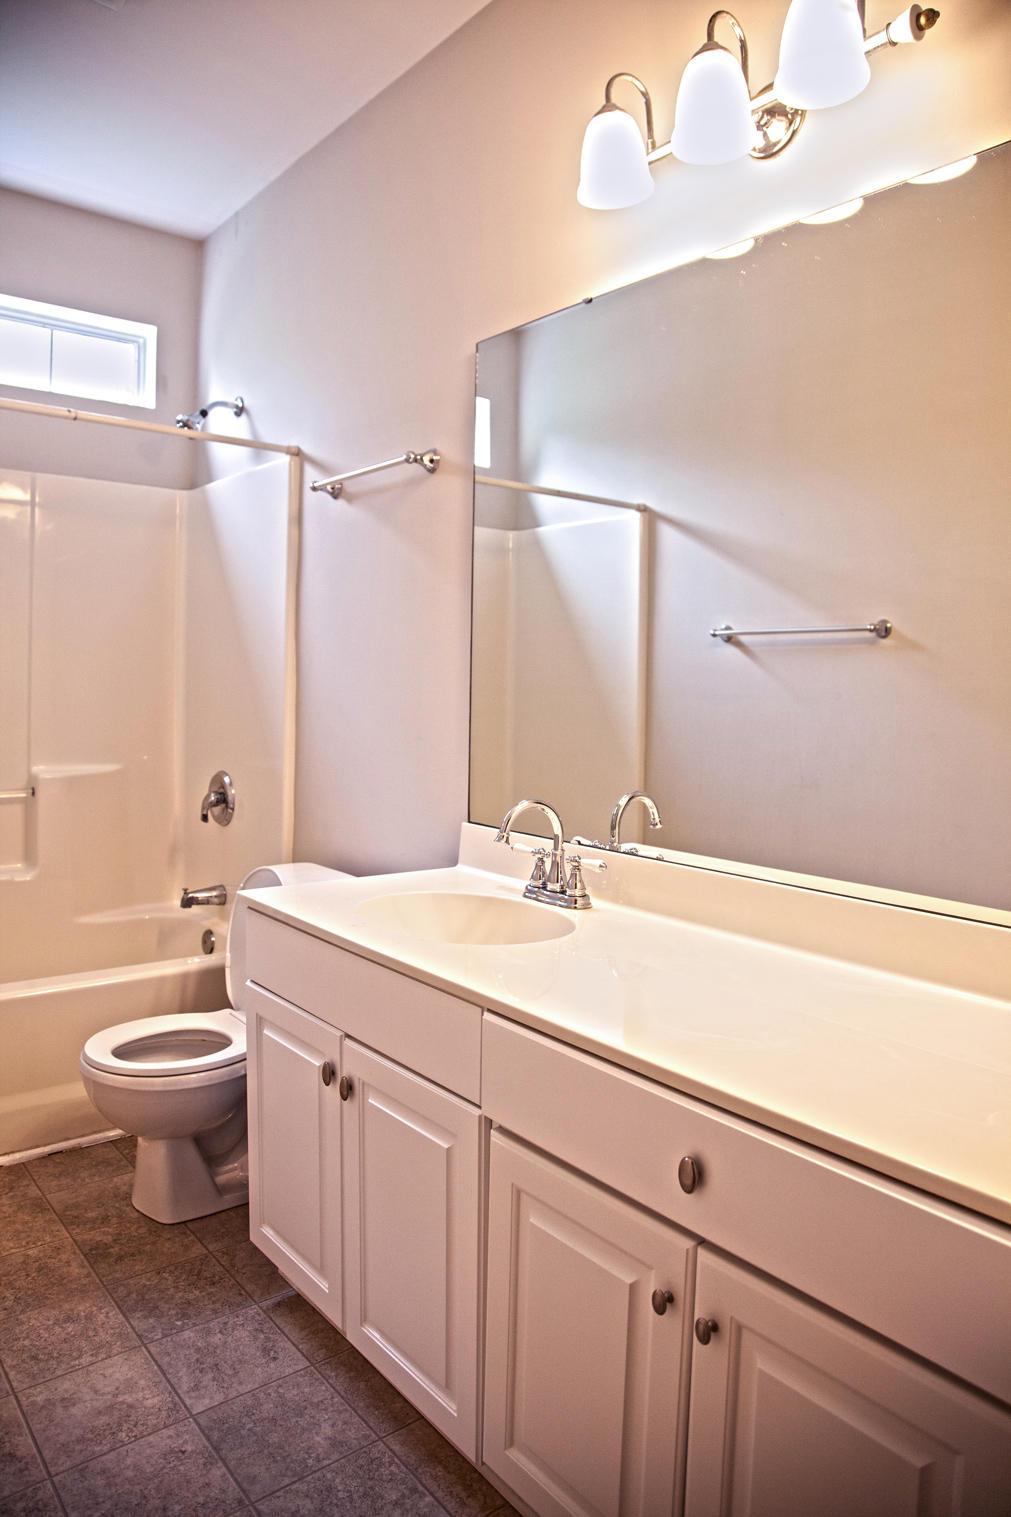 Park West Homes For Sale - 3190 John Bartram Place, Mount Pleasant, SC - 34